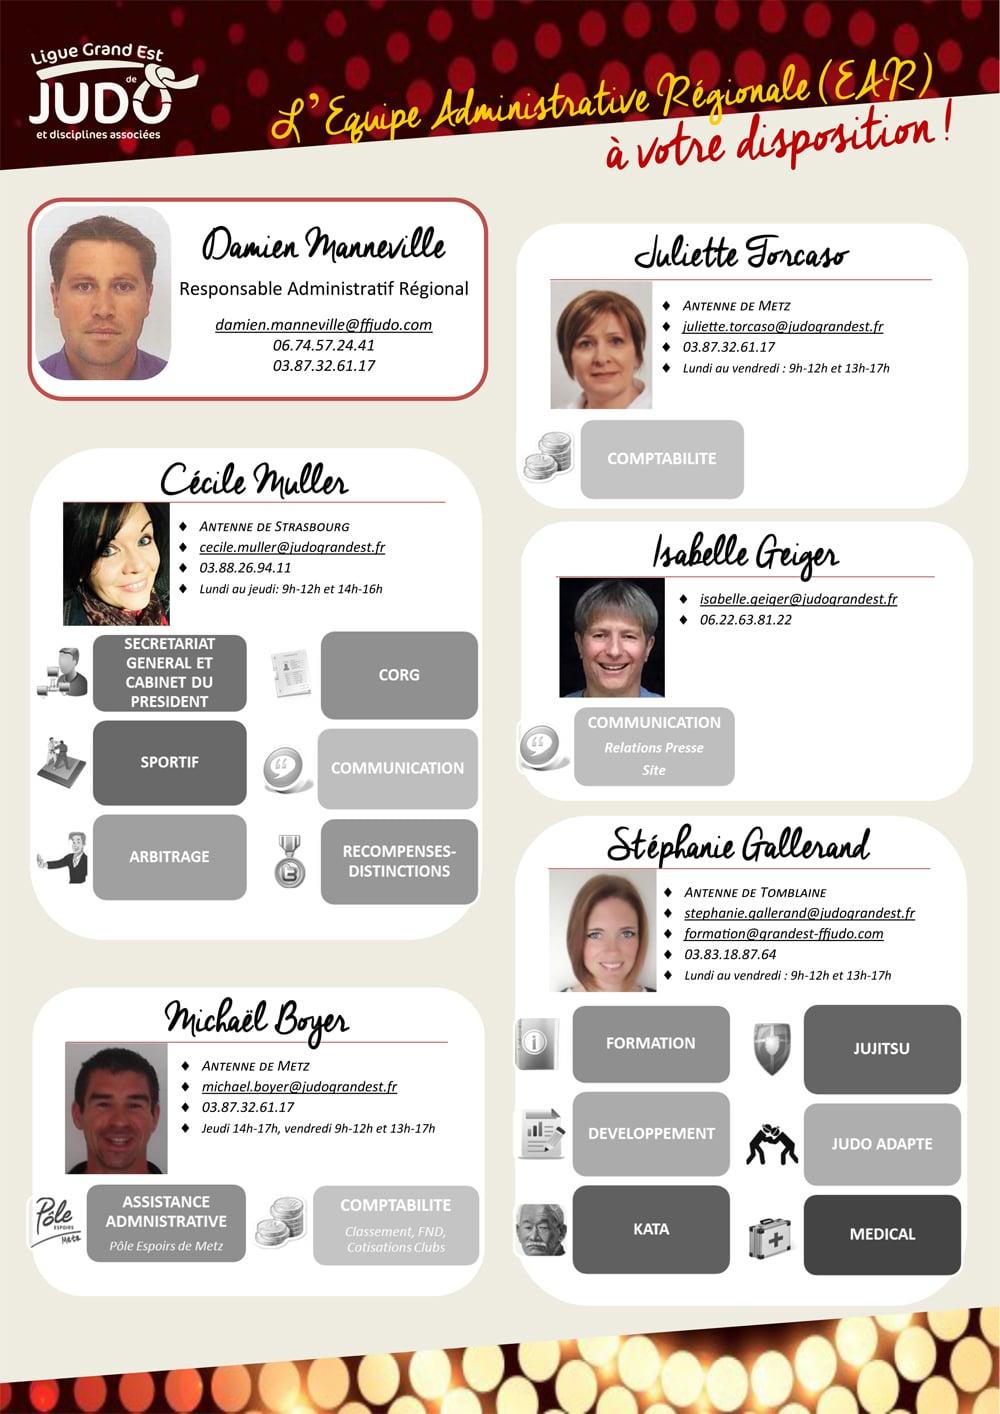 equipe-administrative-regionale